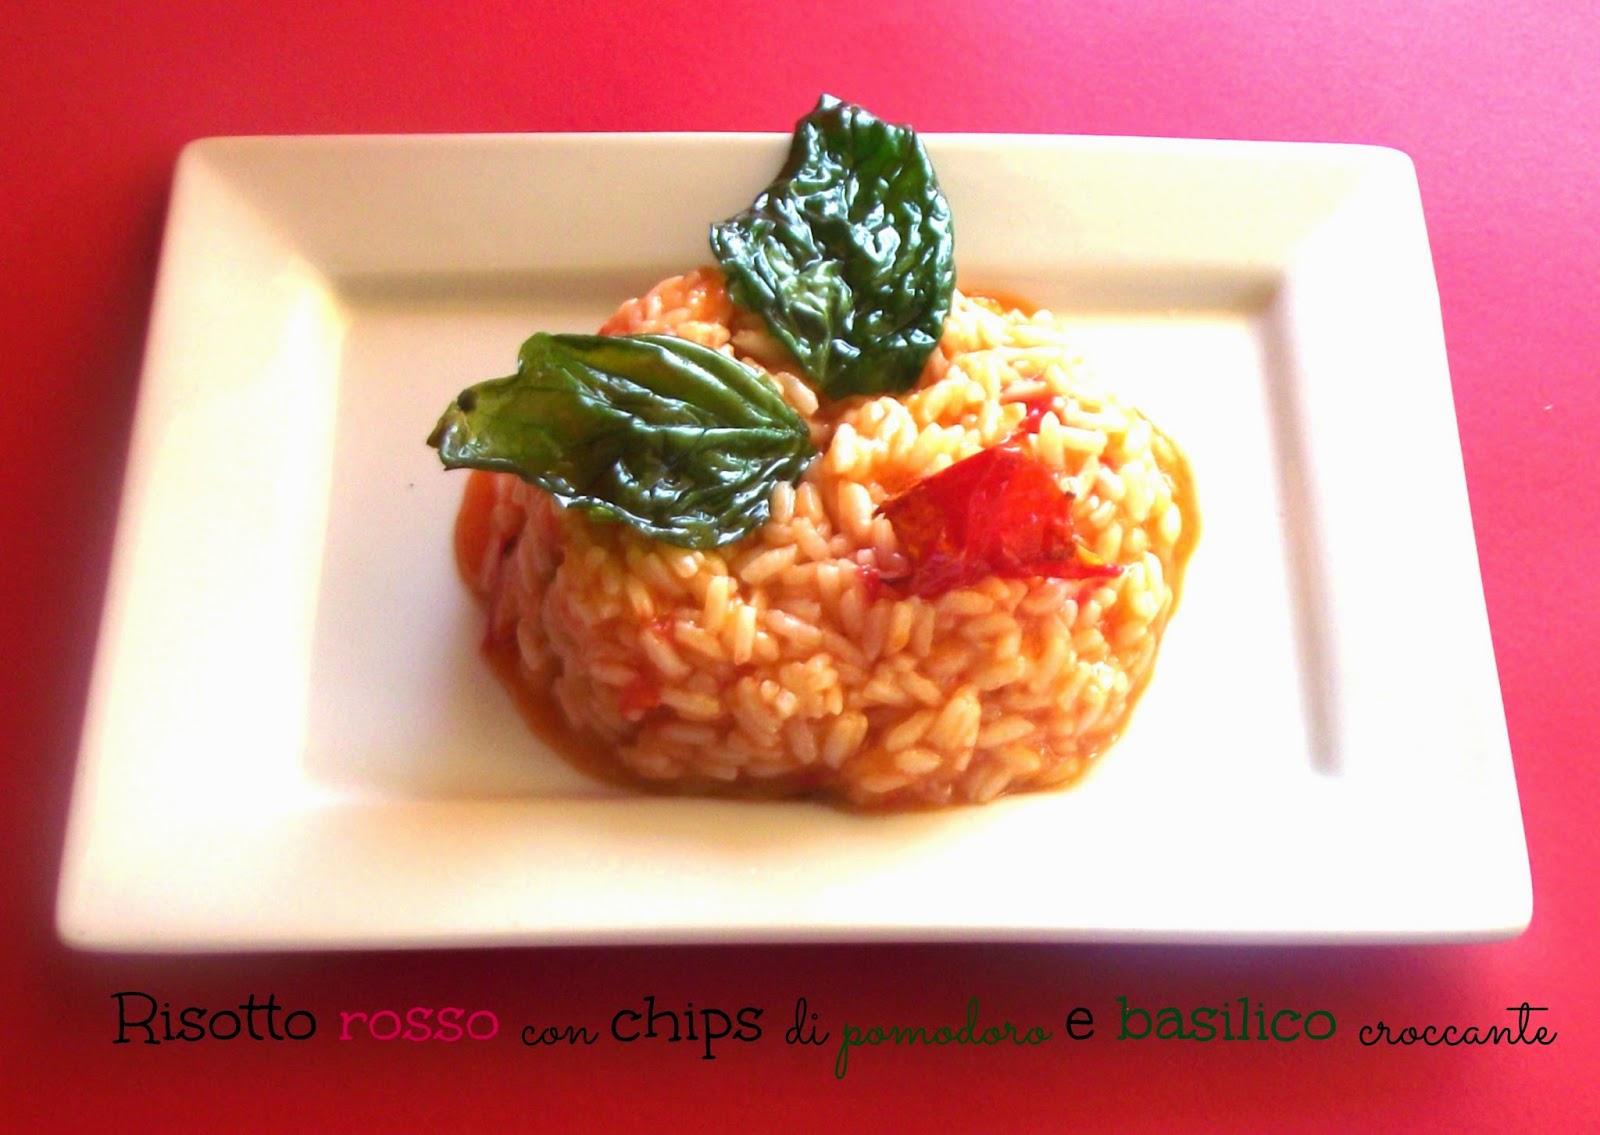 risotto rosso con chips di pomodoro e basilico croccante e la promessa